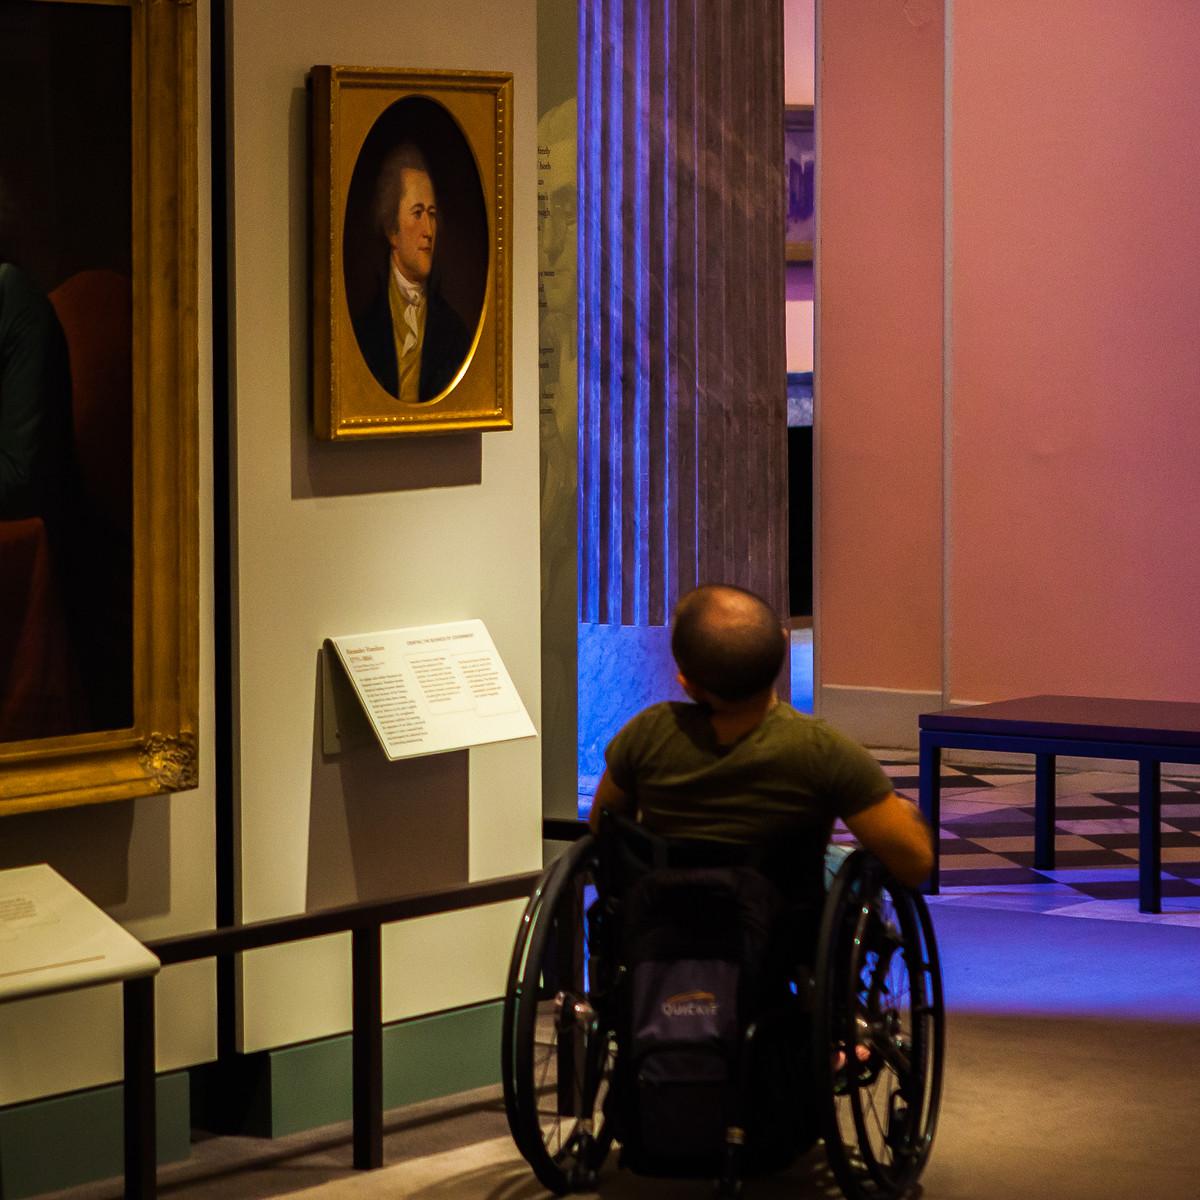 费城独立肖像馆,翻开历史那一页_图1-6